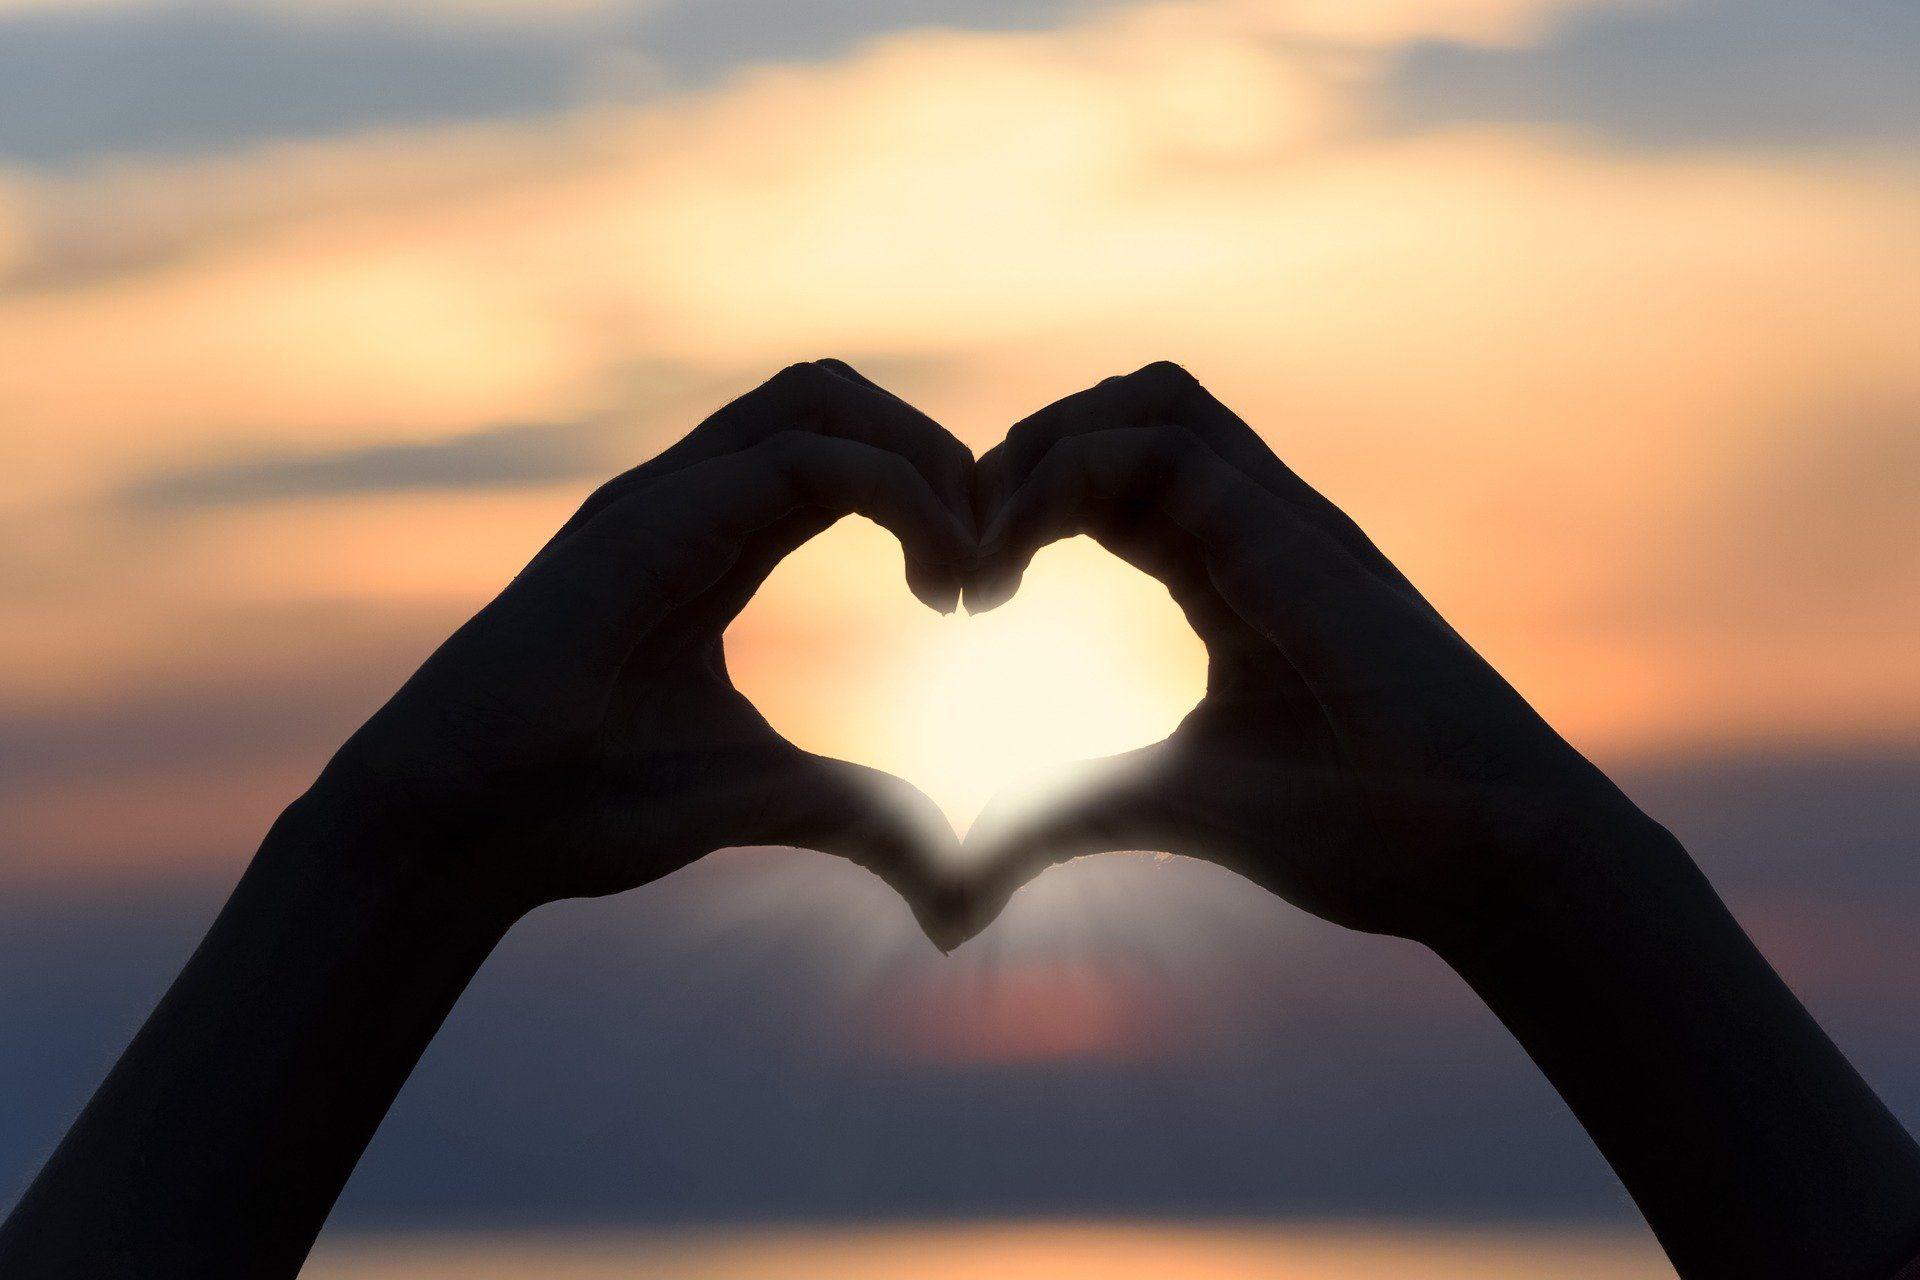 25. týden: Dívám se srdcem